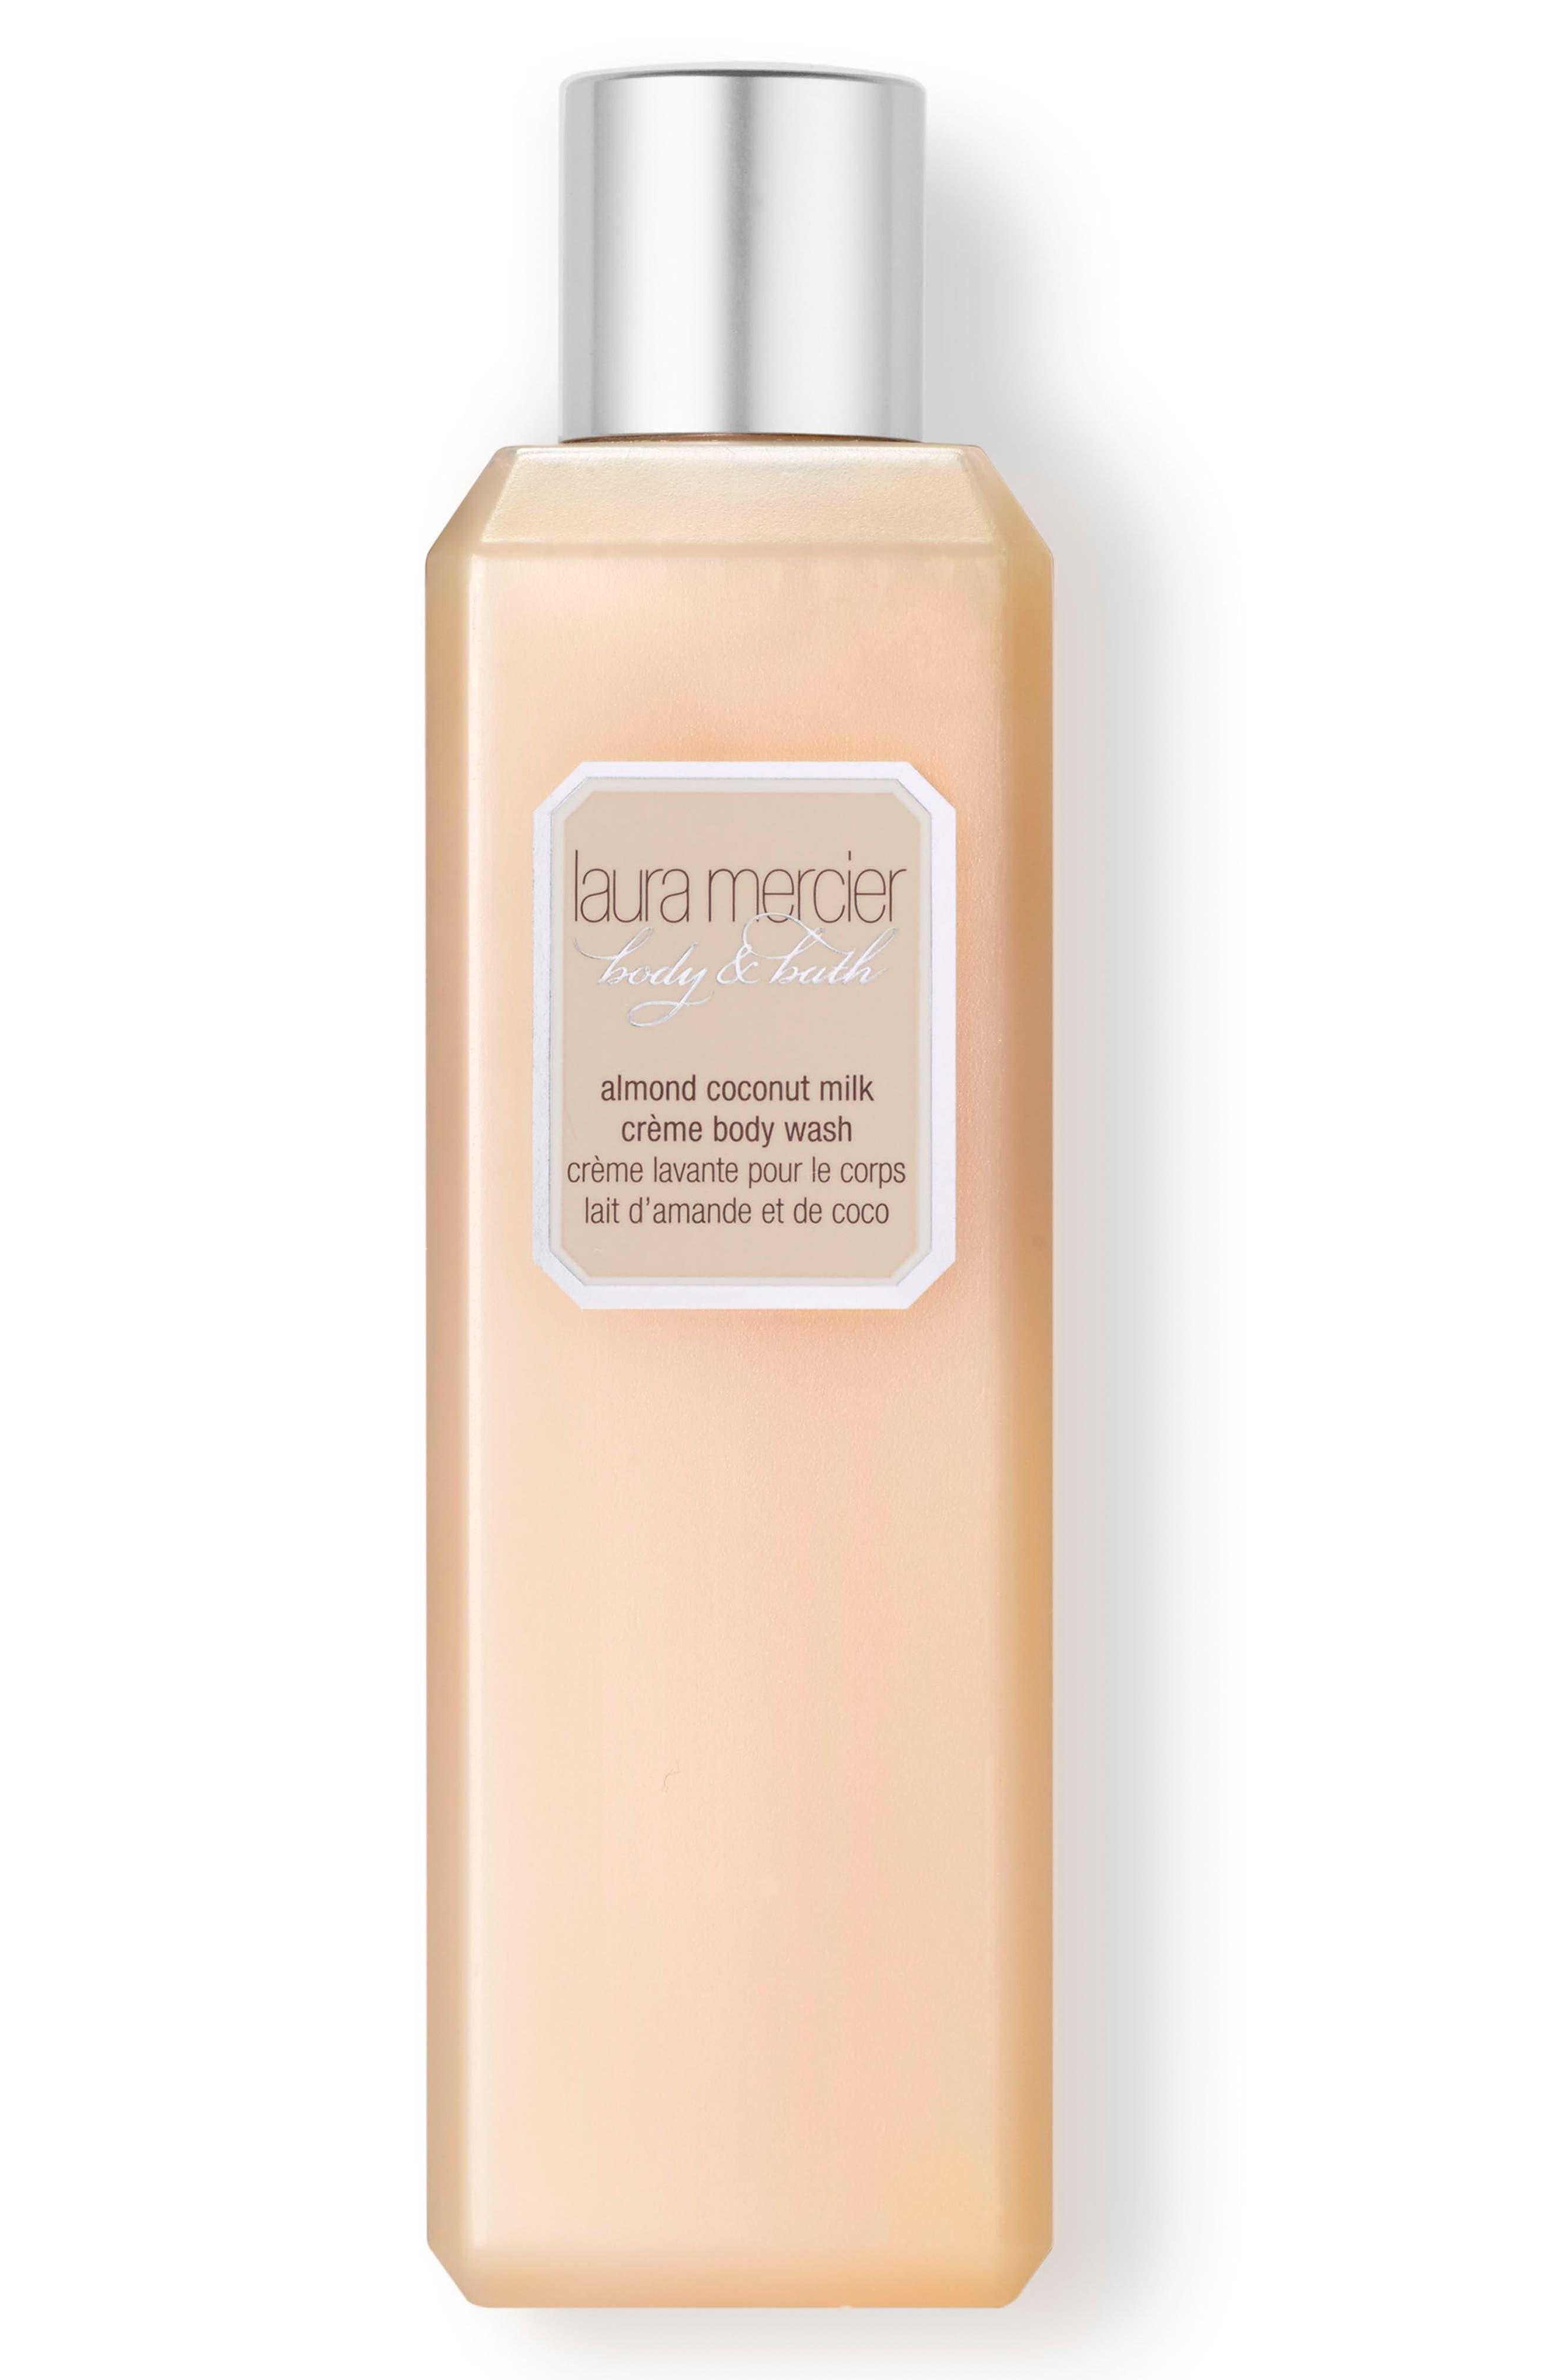 Laura Mercier 'Almond Coconut Milk' Crème Body Wash